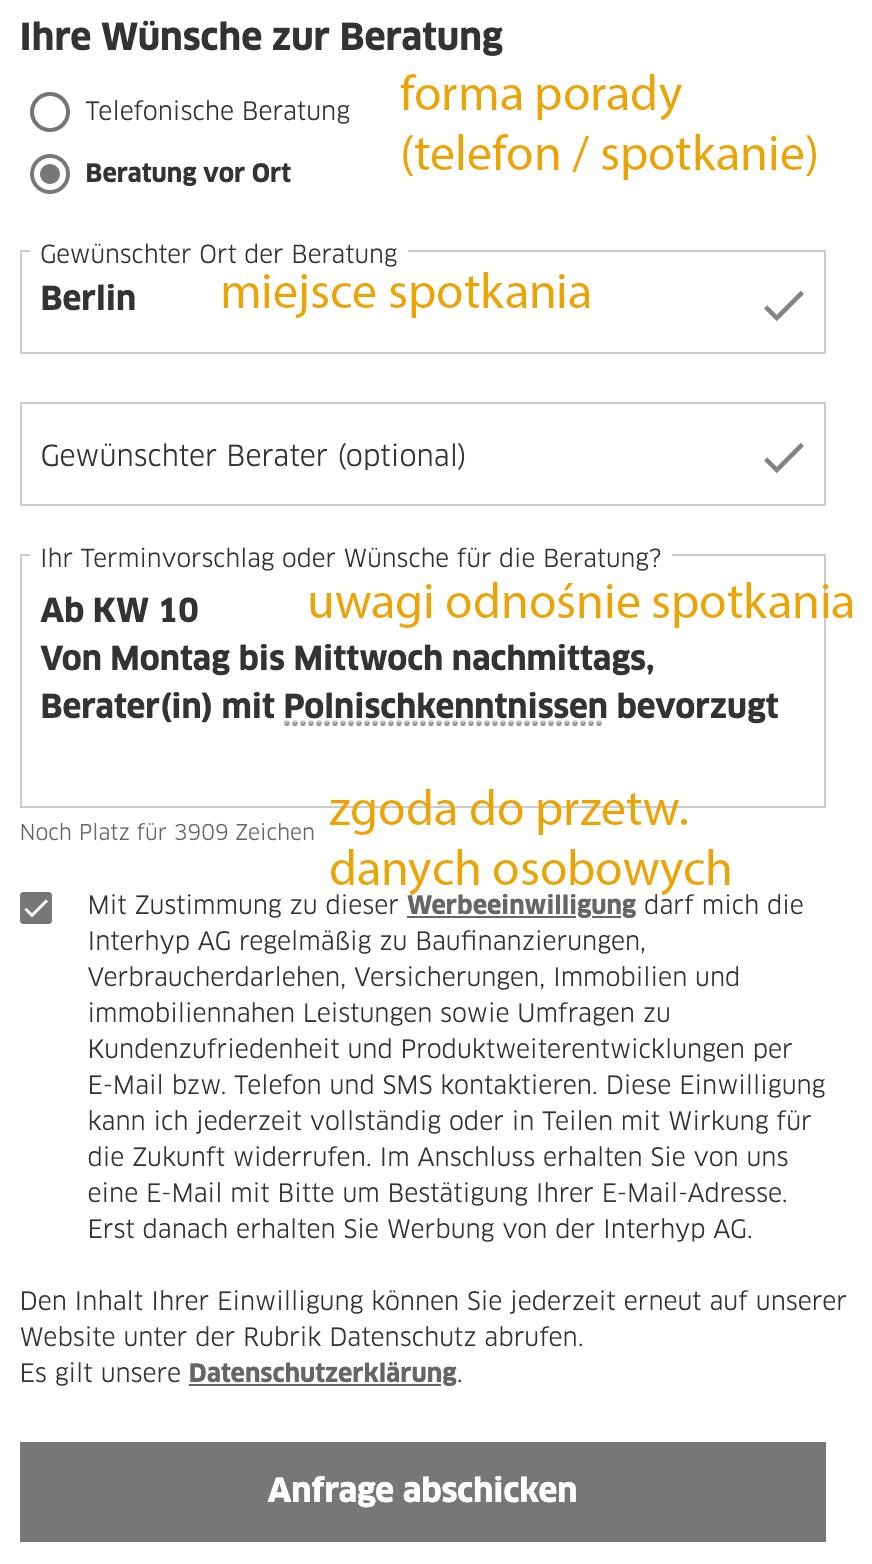 Zakup nieruchomości w Niemczech